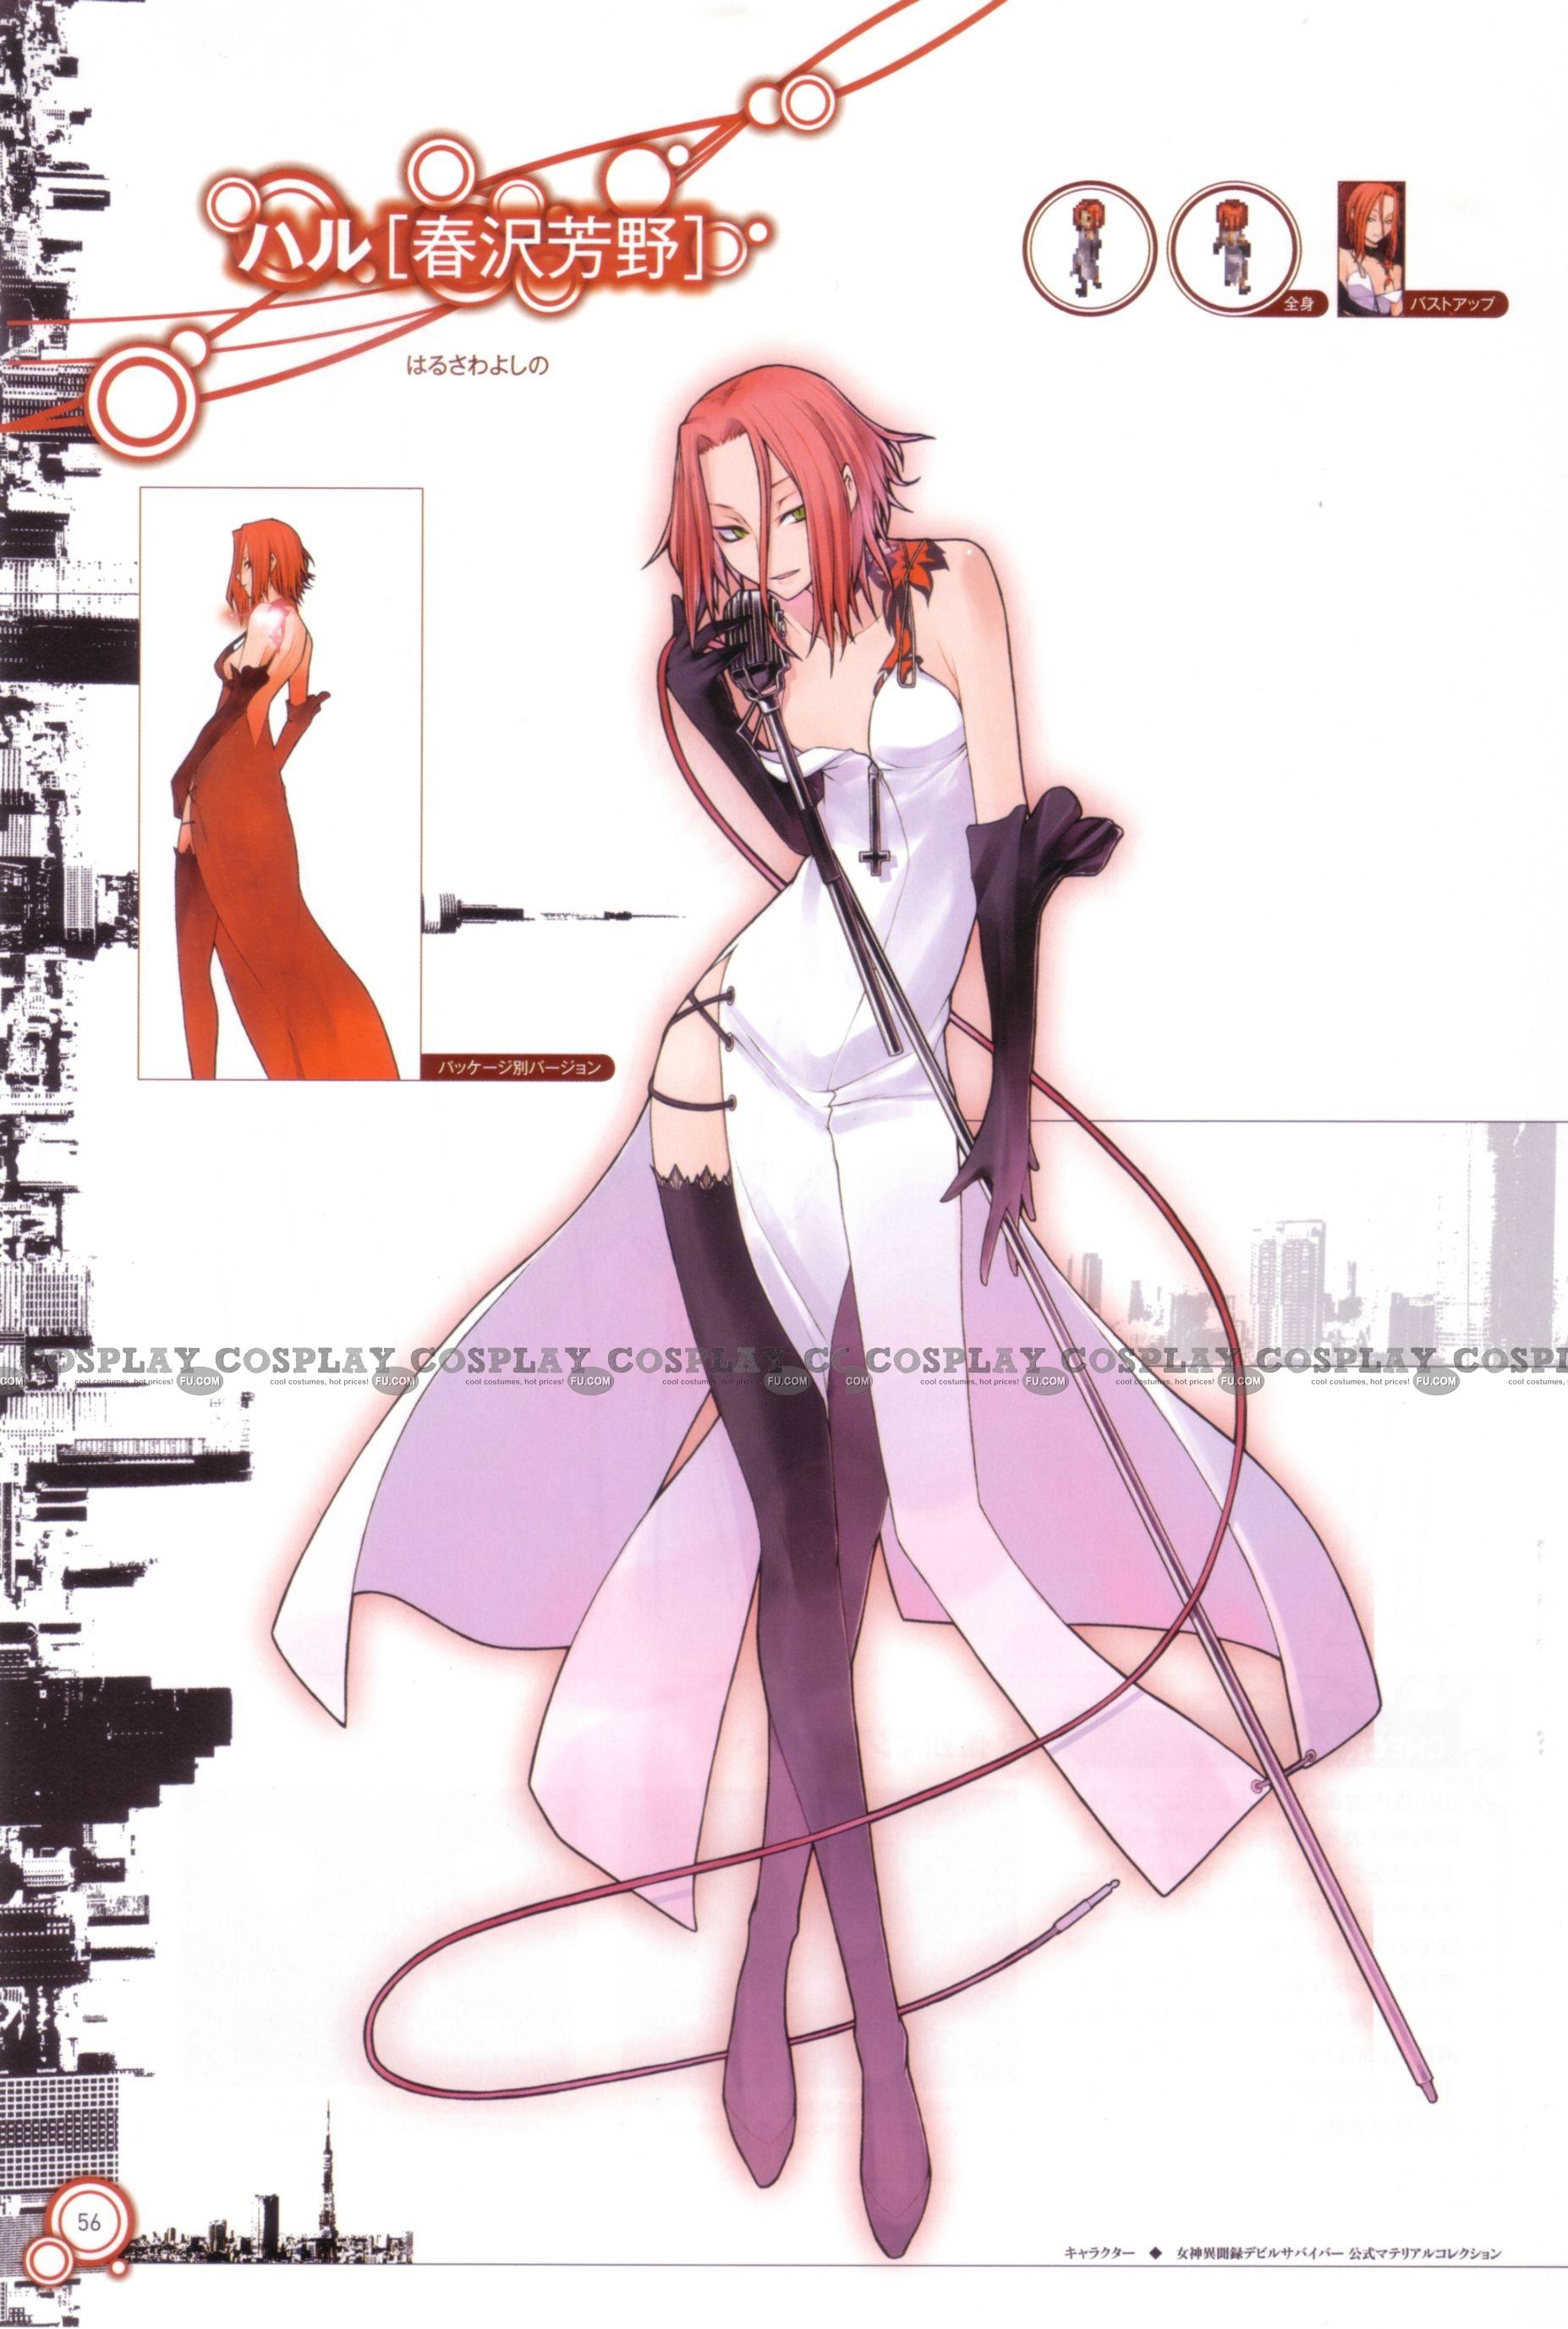 Yoshino Cosplay Costume from Shin Megami Tensei